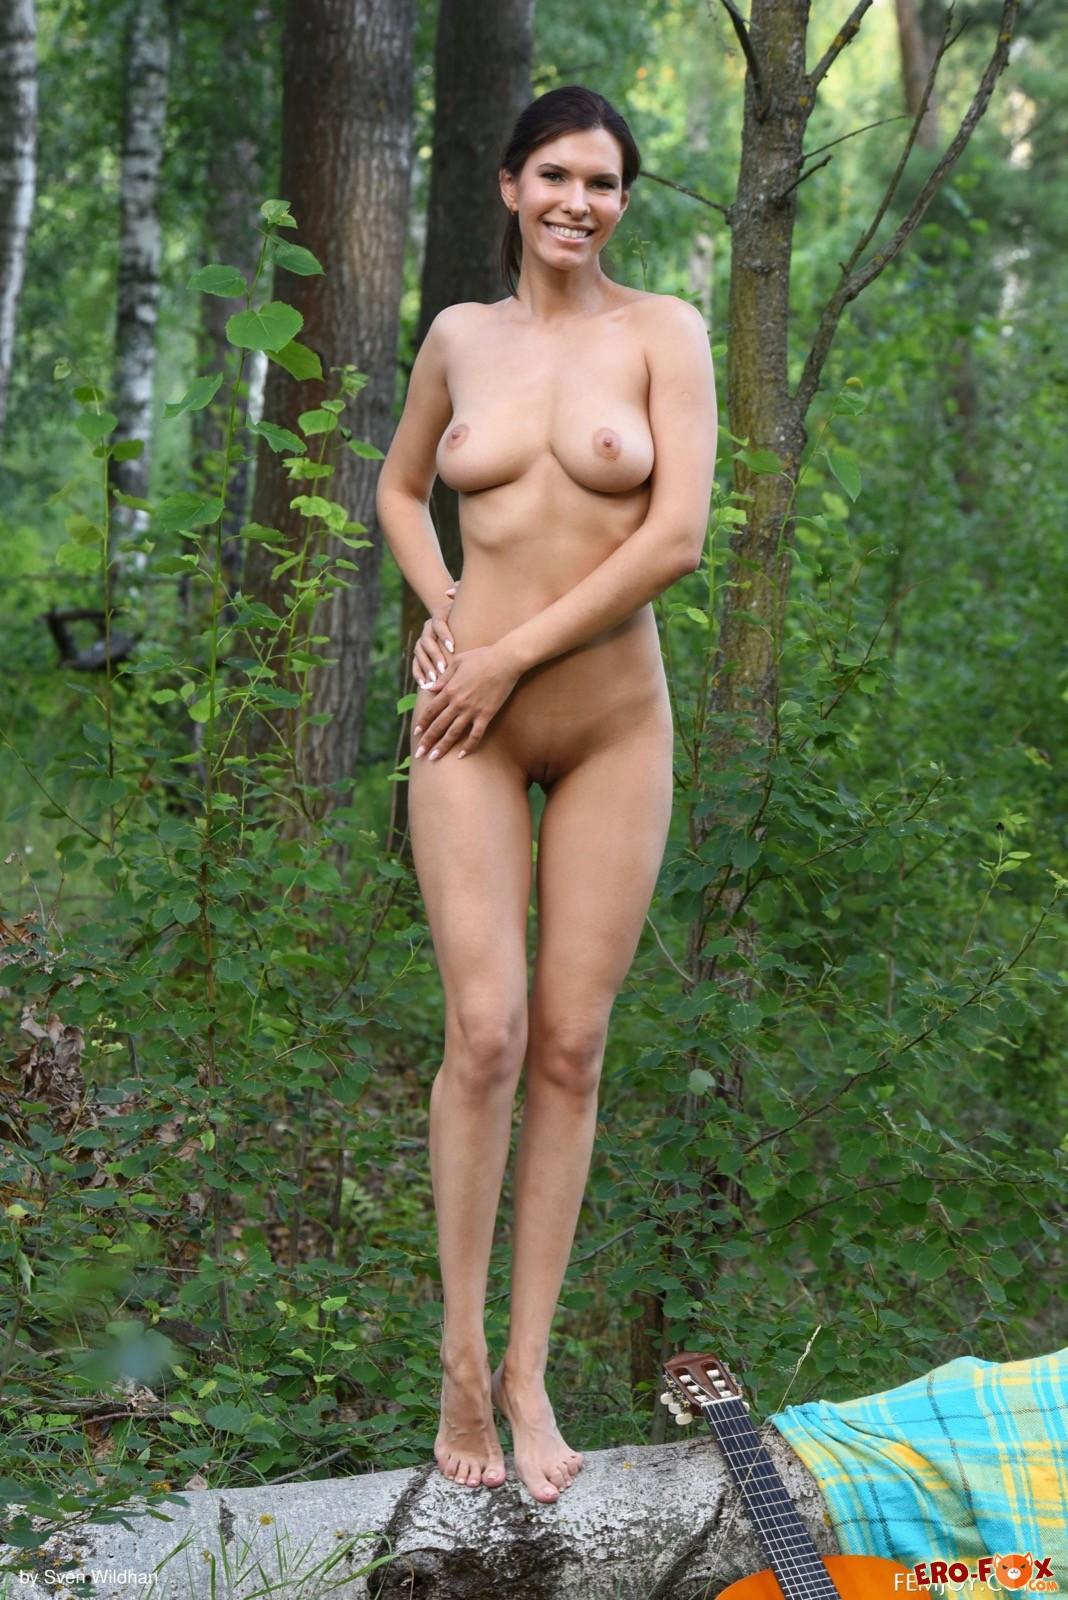 Девушка в рваных джинсах разделась до гола в лесу - фото